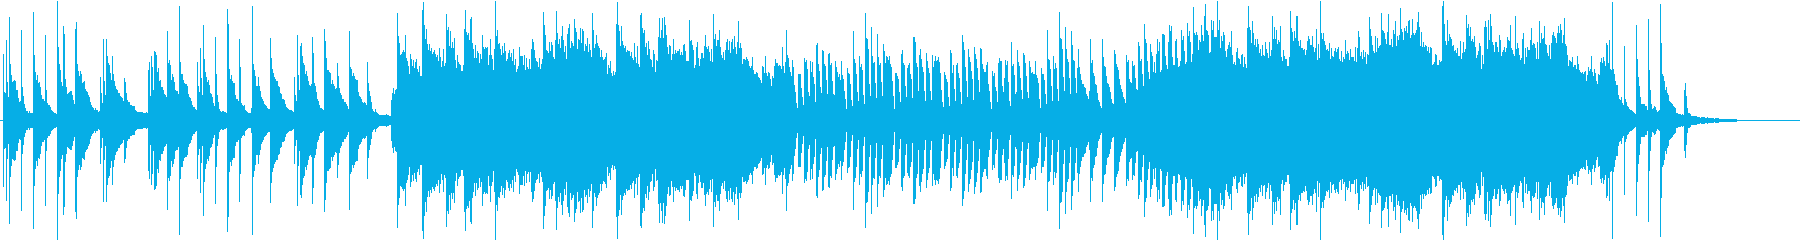 ほのぼの日常なストリングスサウンドの再生済みの波形